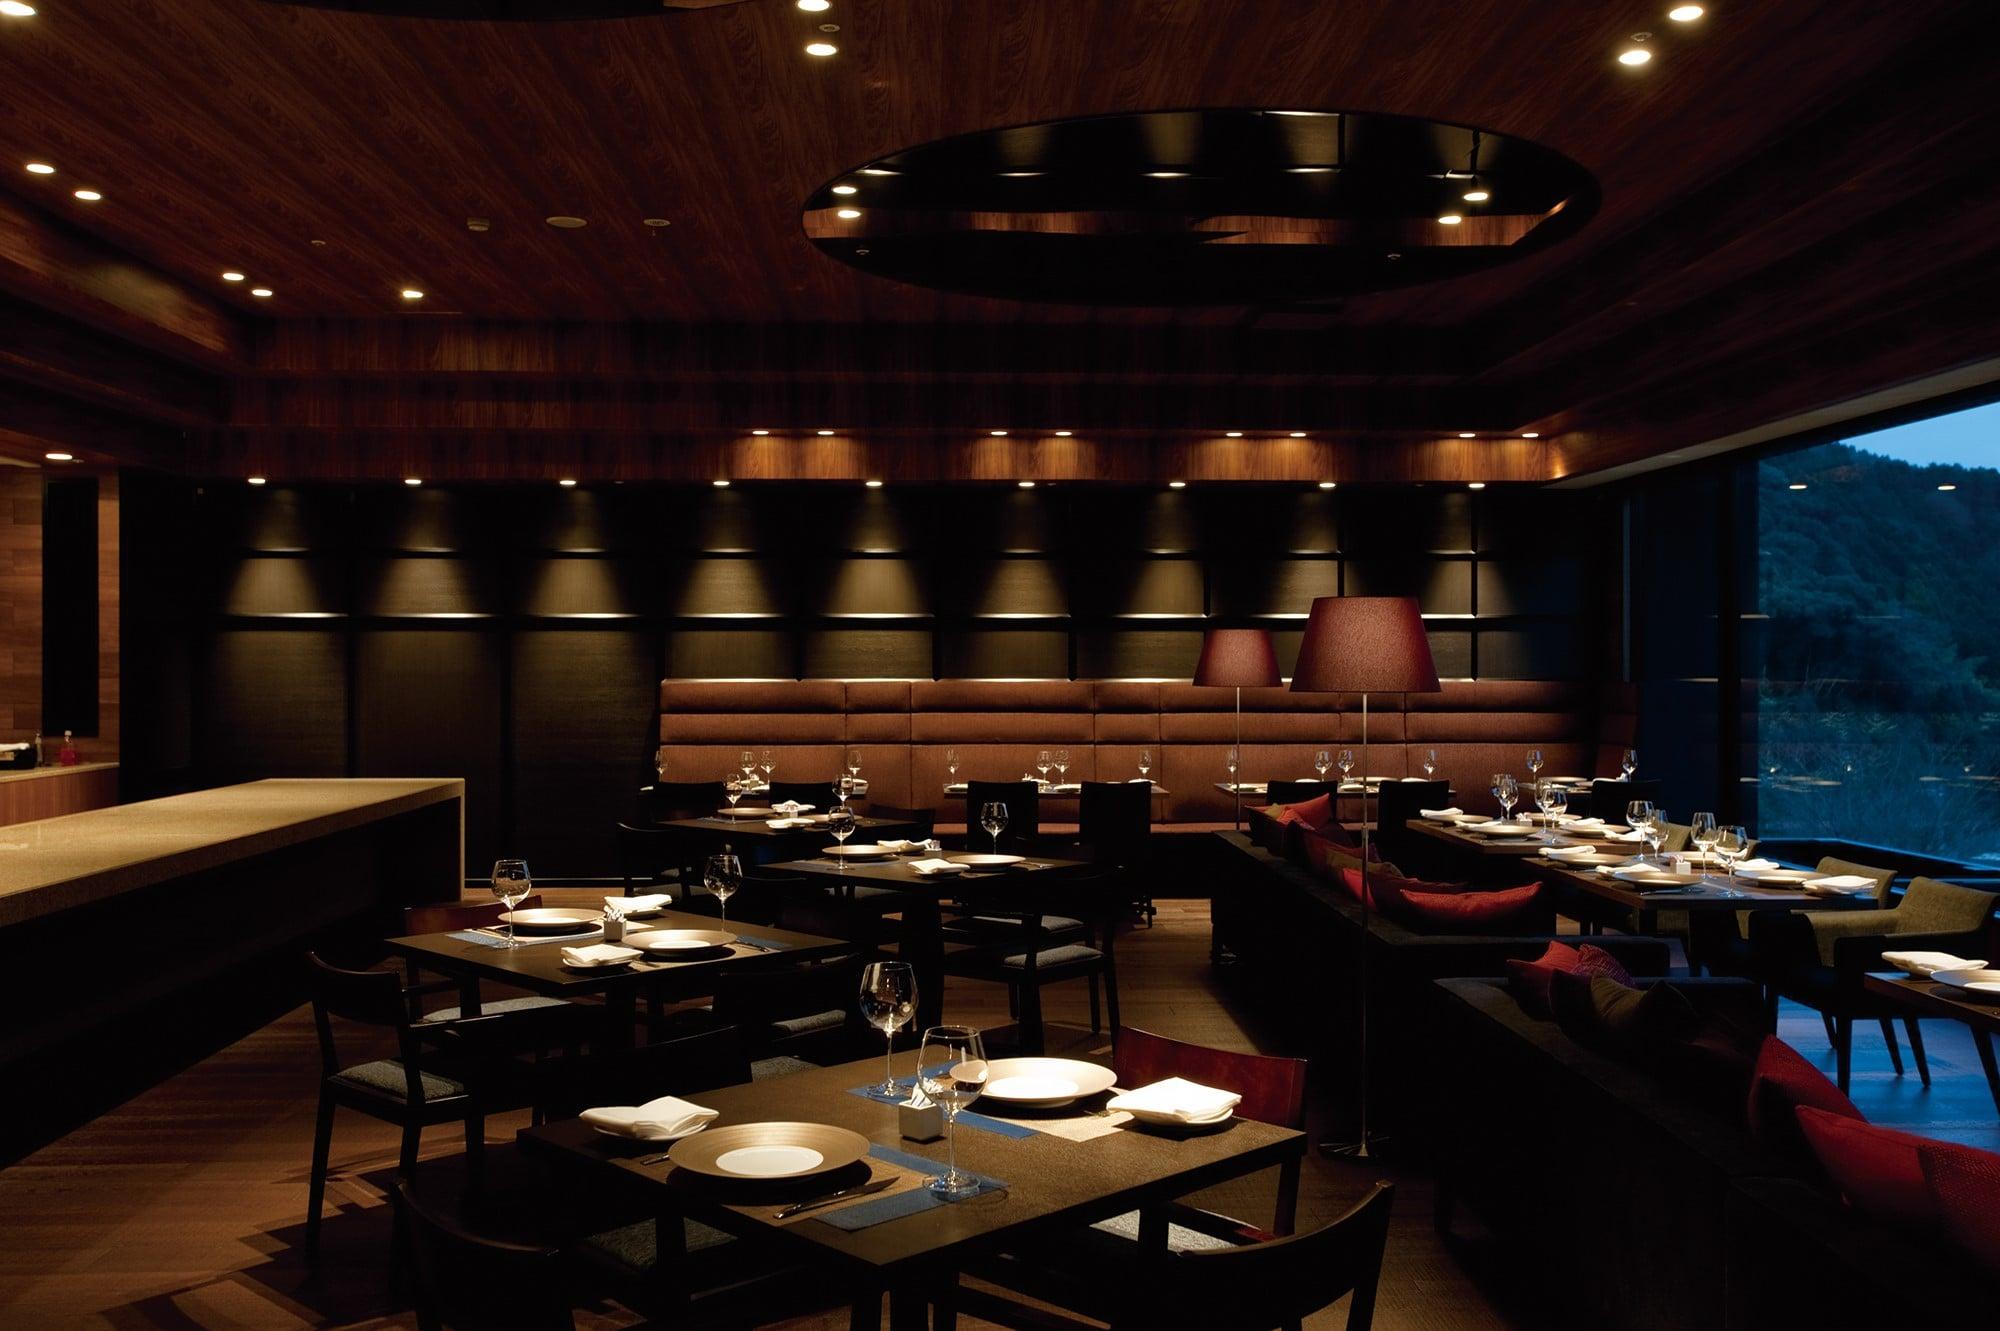 食事はバー&レストラン「SEBRI/セブリ」にて地元素材のナチュラルイタリアンが供される。